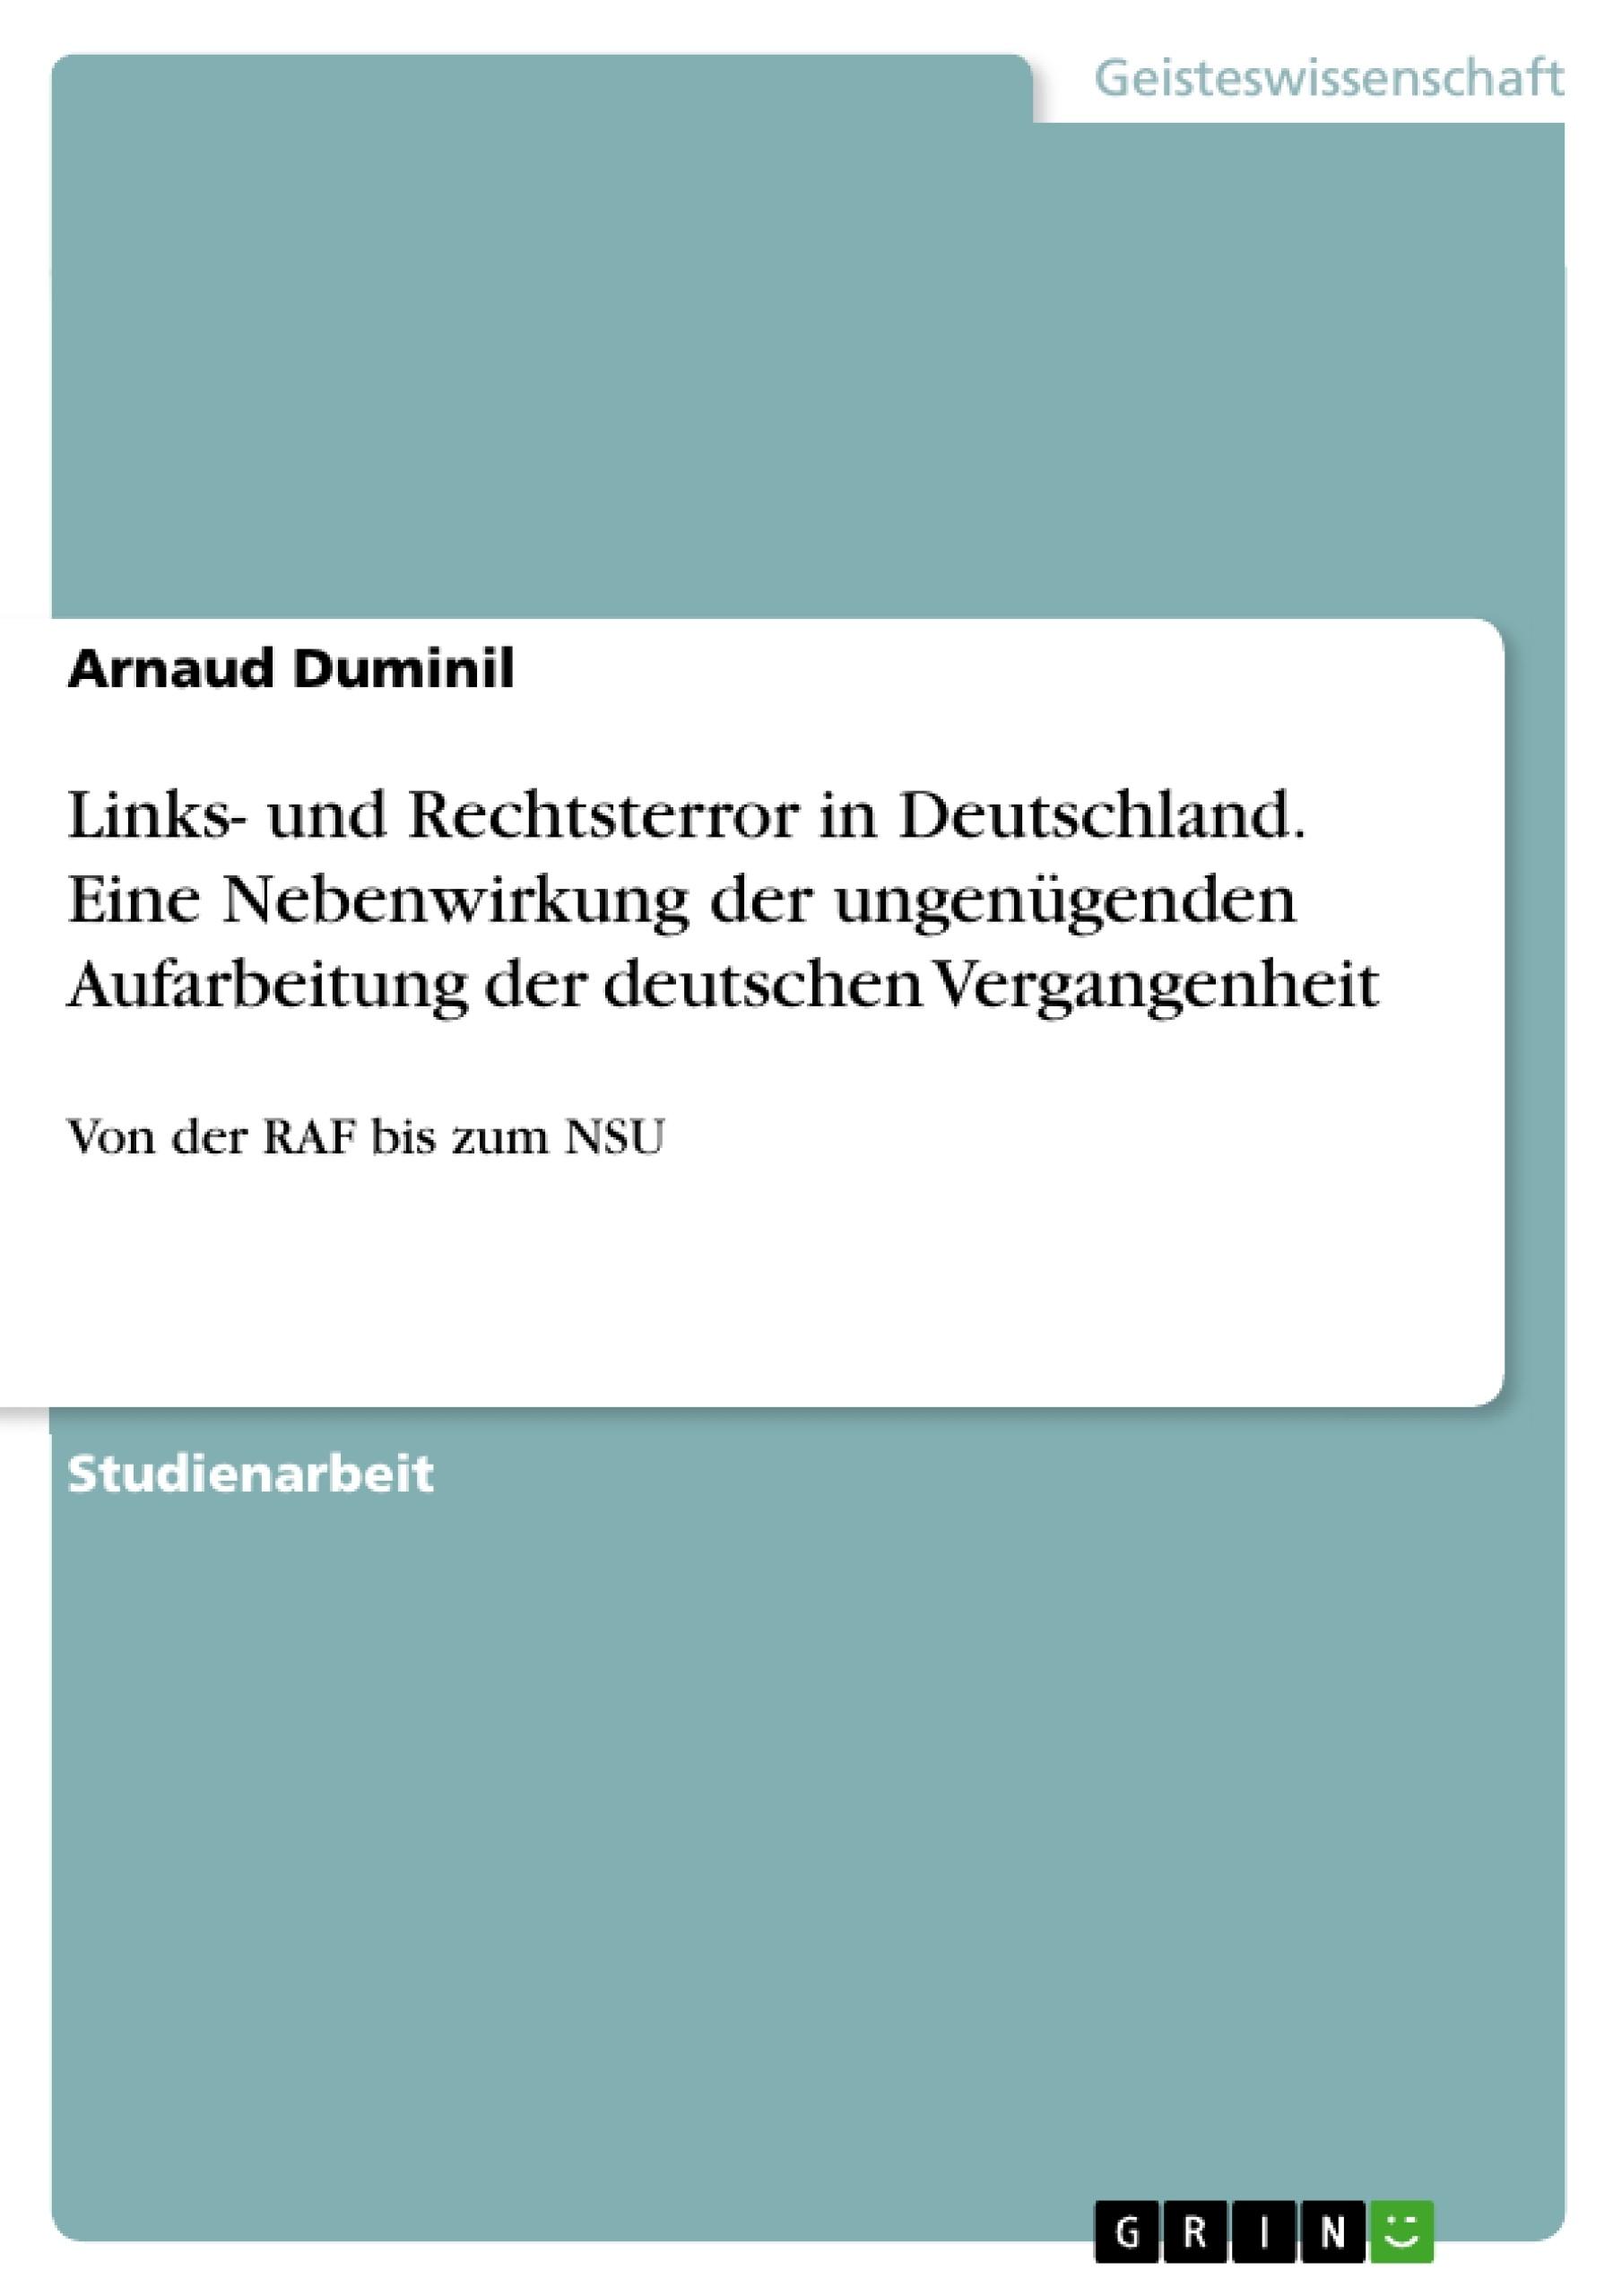 Titel: Links- und Rechtsterror in Deutschland. Eine Nebenwirkung der ungenügenden Aufarbeitung der deutschen Vergangenheit